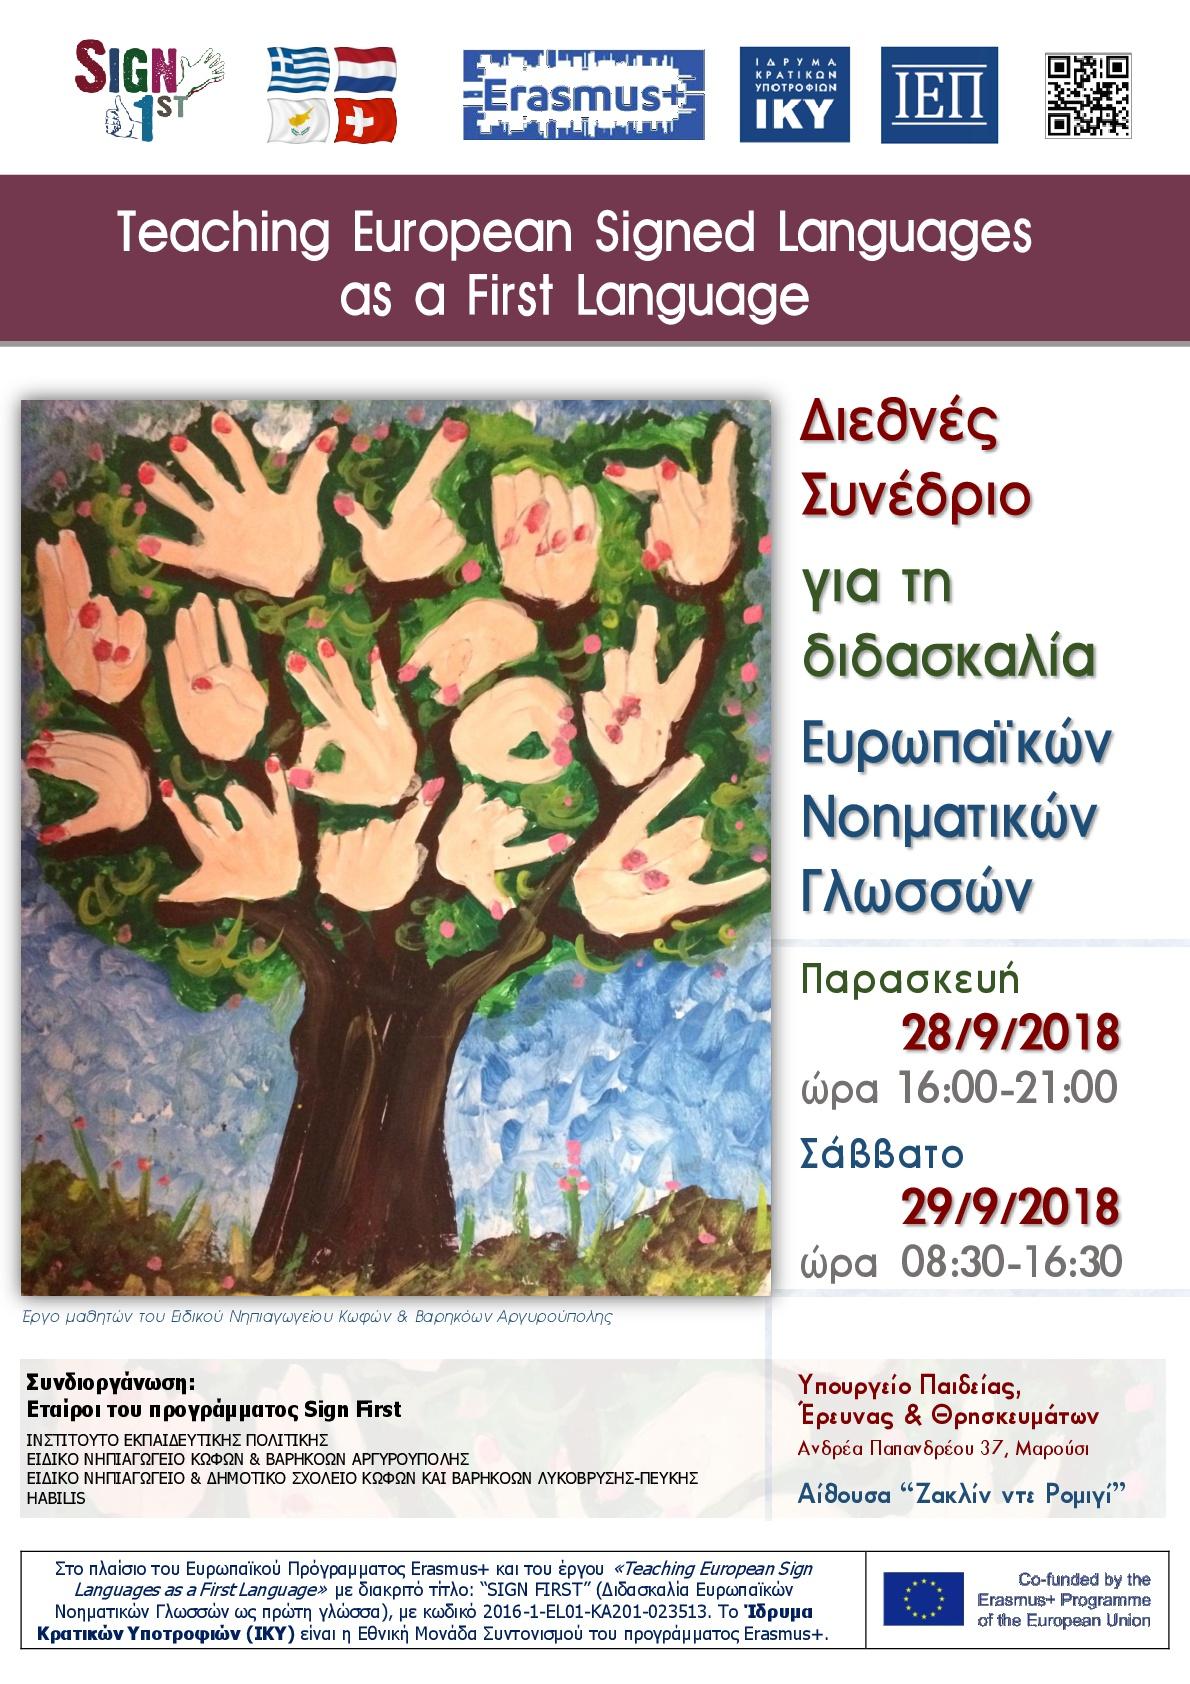 Διεθνές Συνέδριο για τη διδασκαλία Ευρωπαϊκών Νοηματικών Γλωσσών.